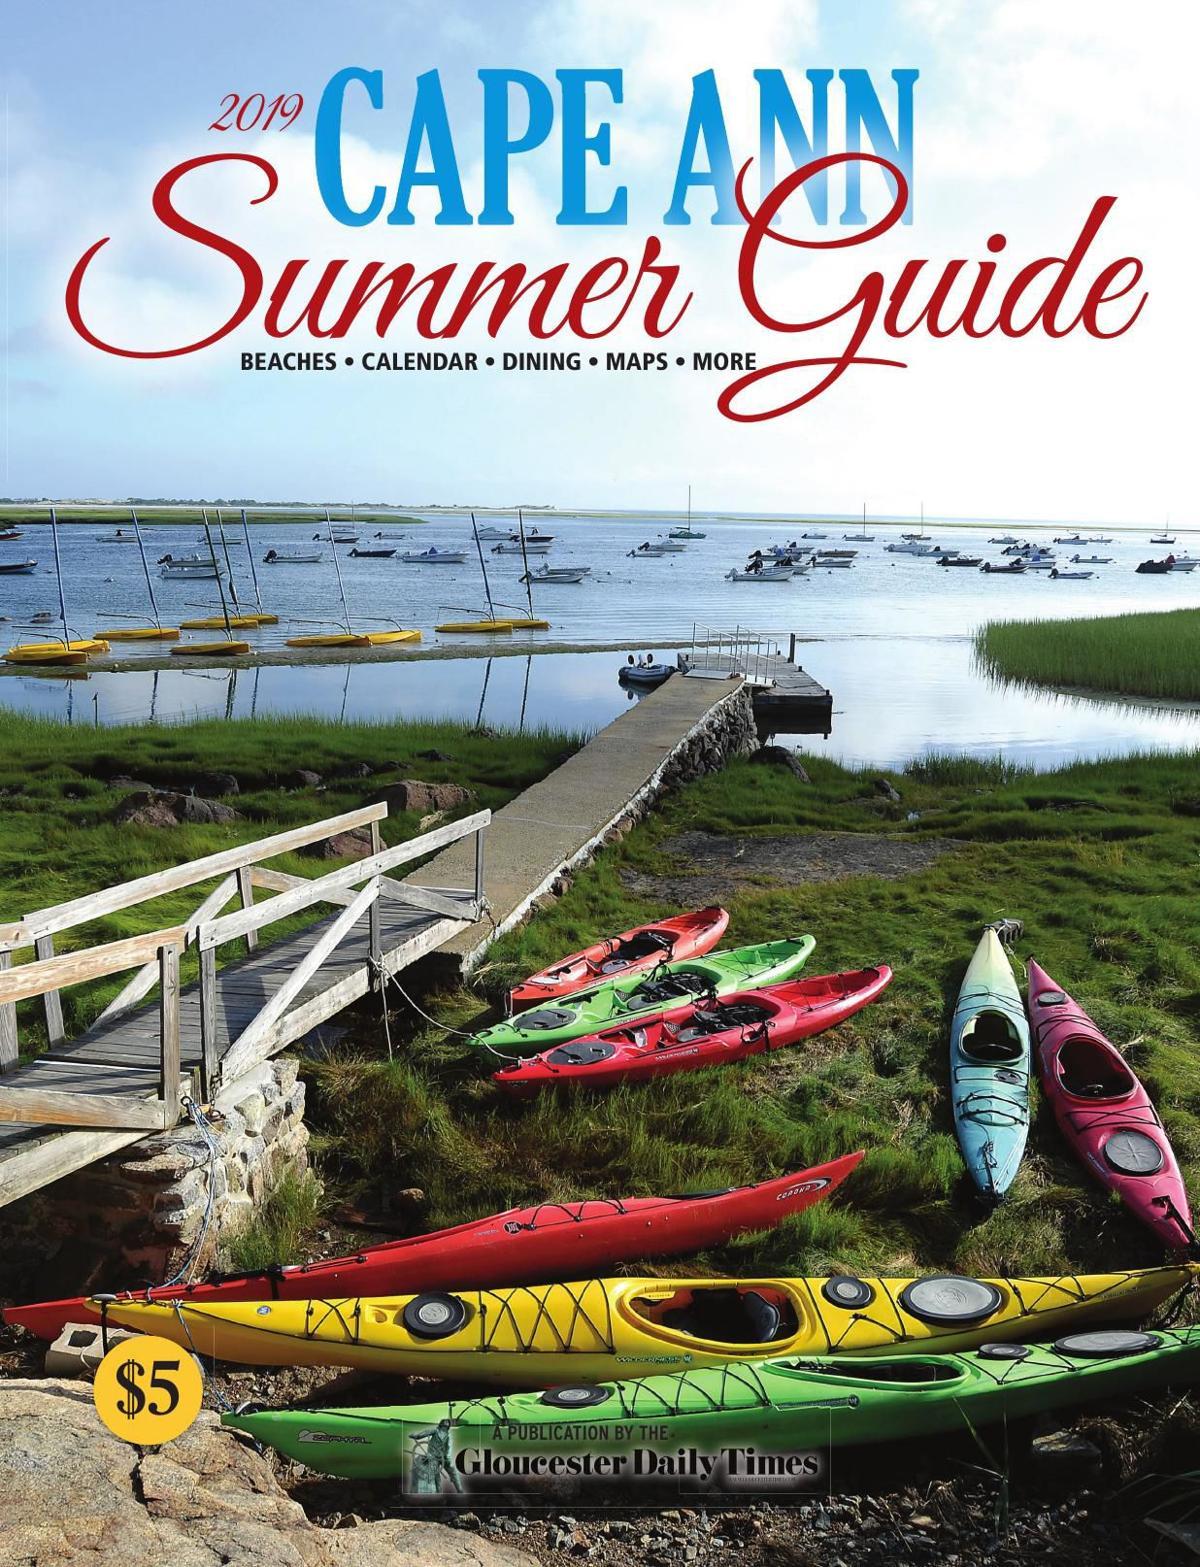 Cape Ann Summer Guide 2019